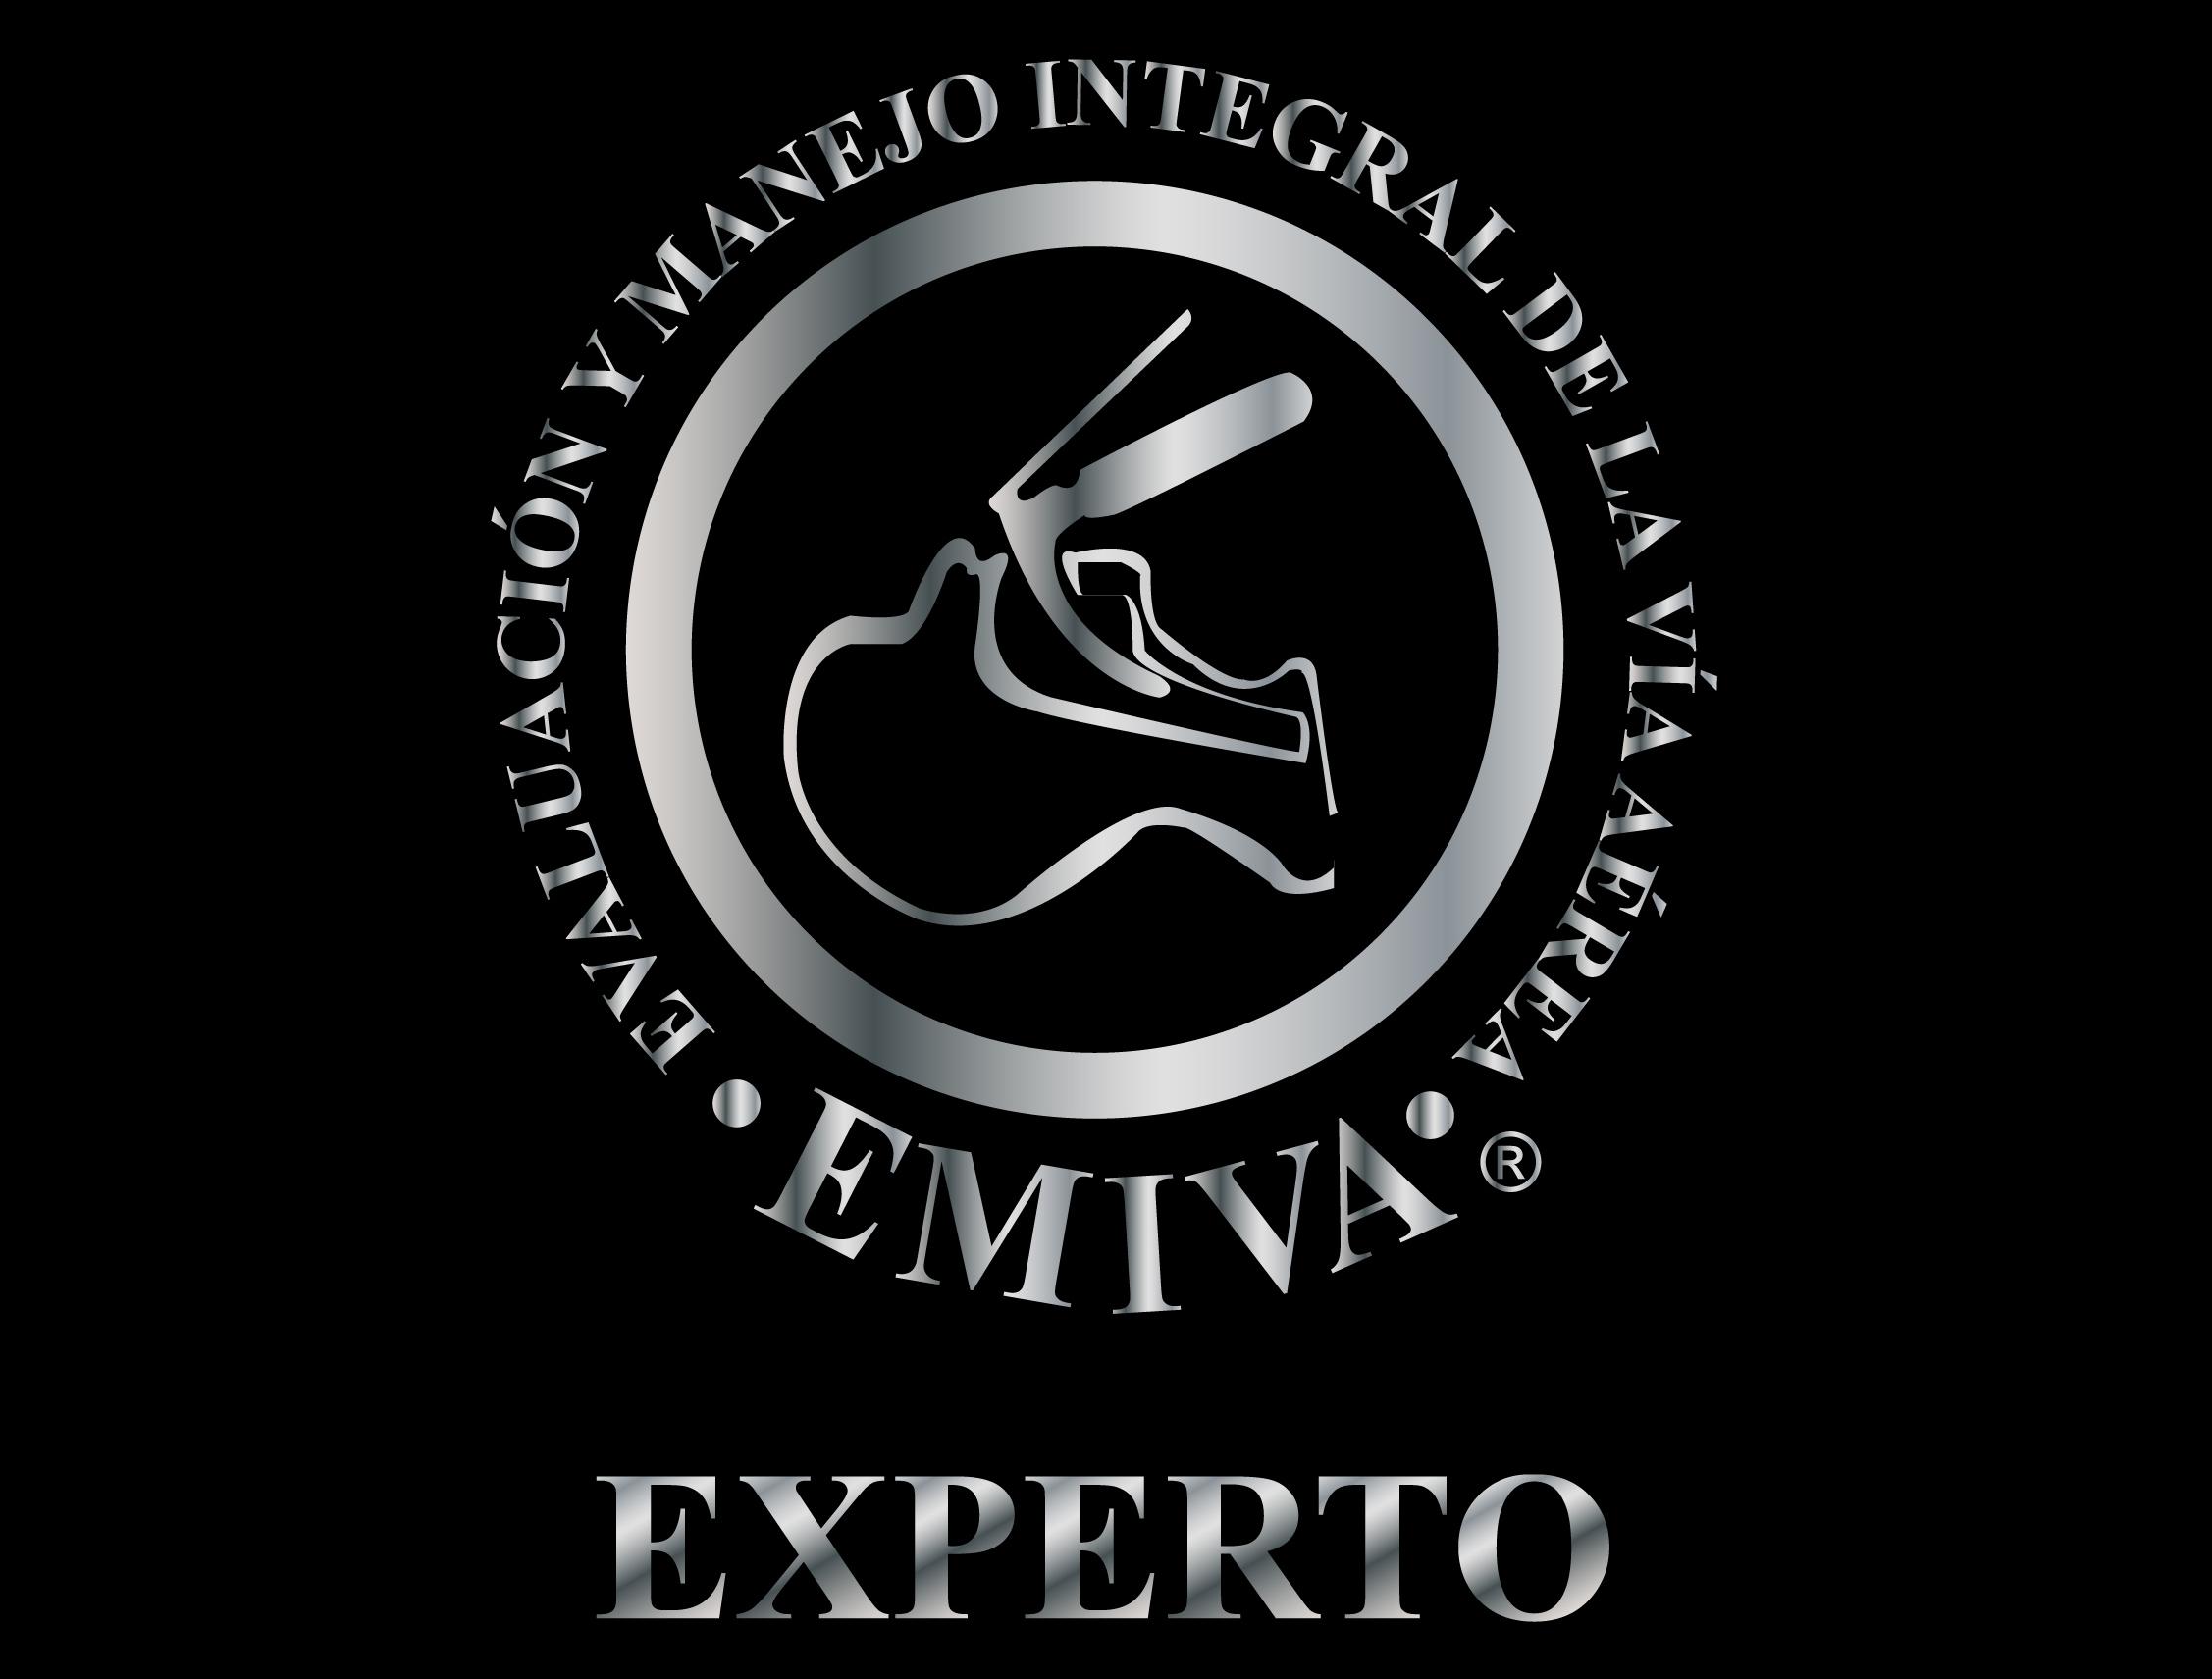 Logo-EMIVA-Experto.jpg#asset:283